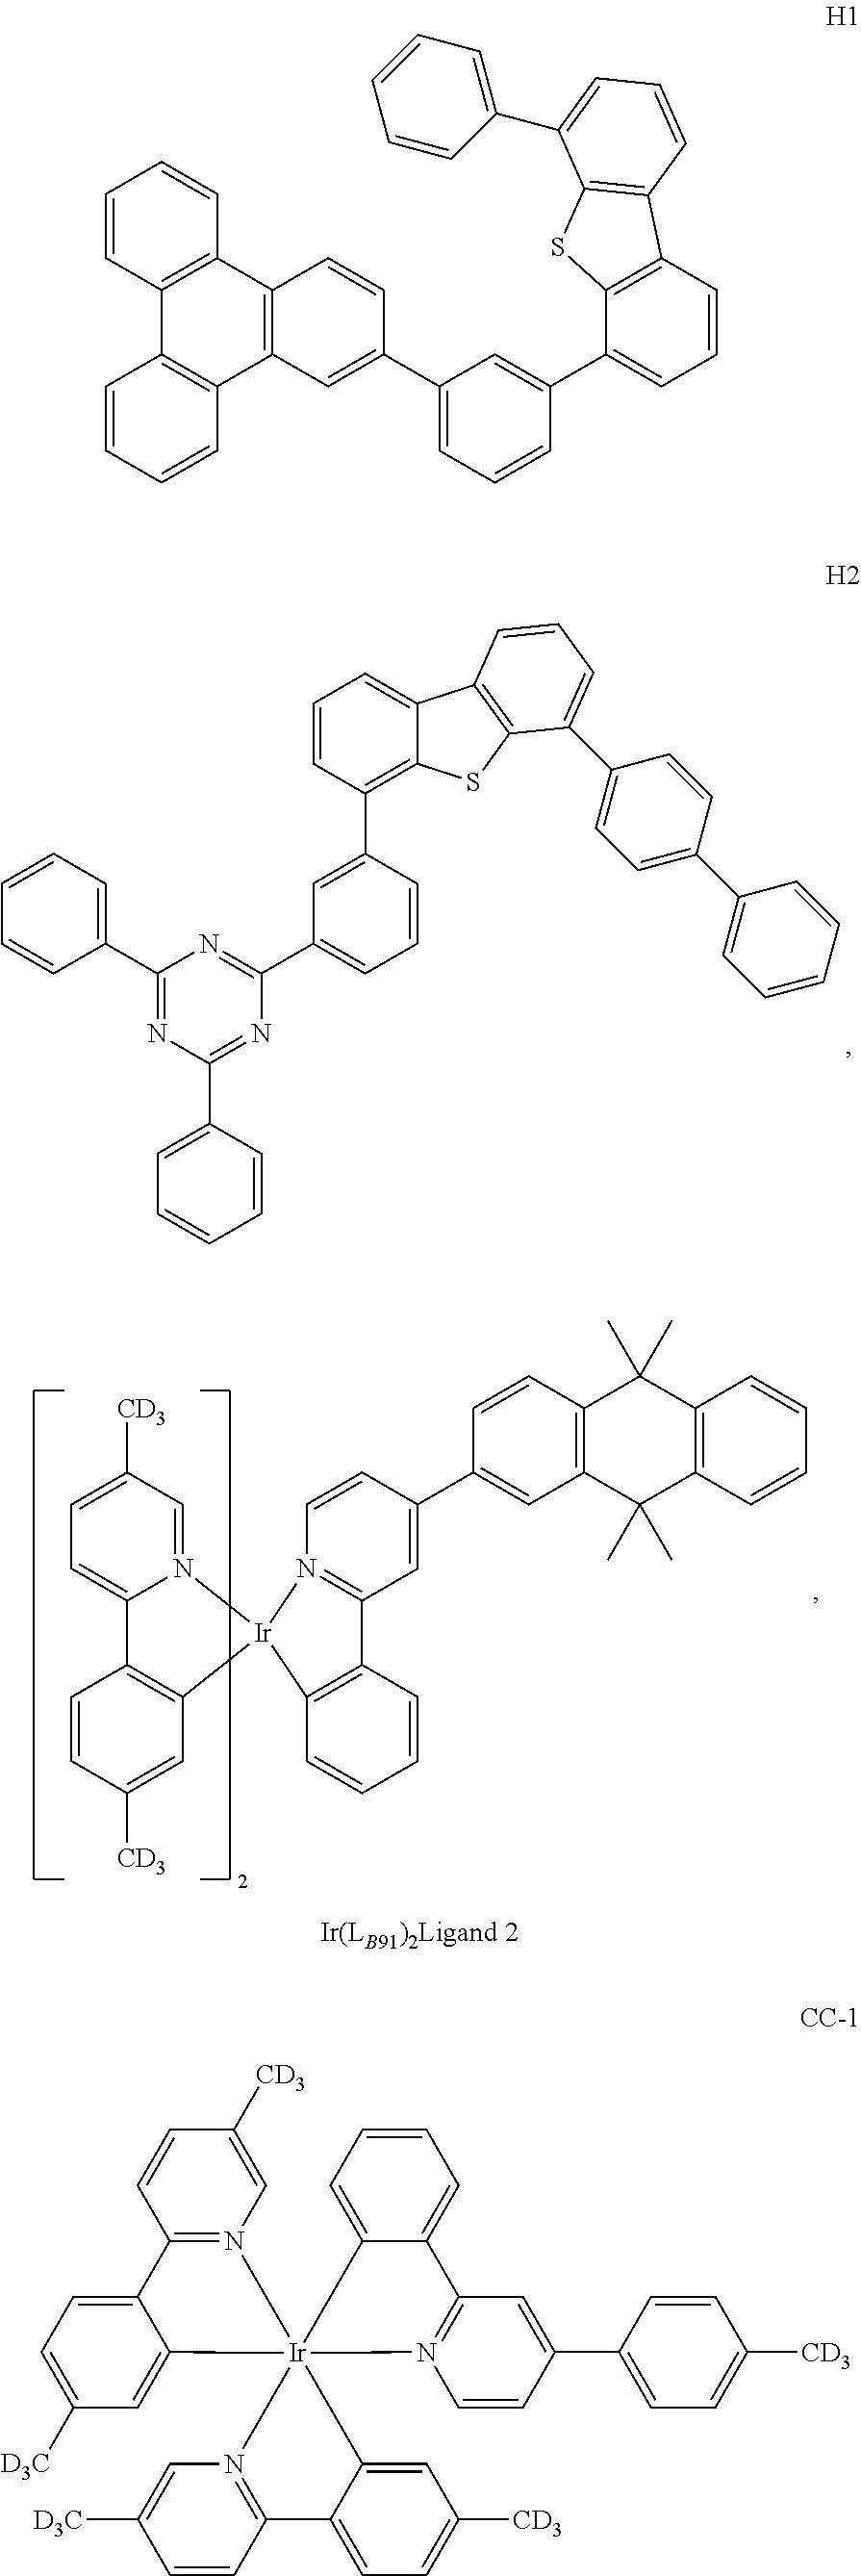 Figure US20180130962A1-20180510-C00211